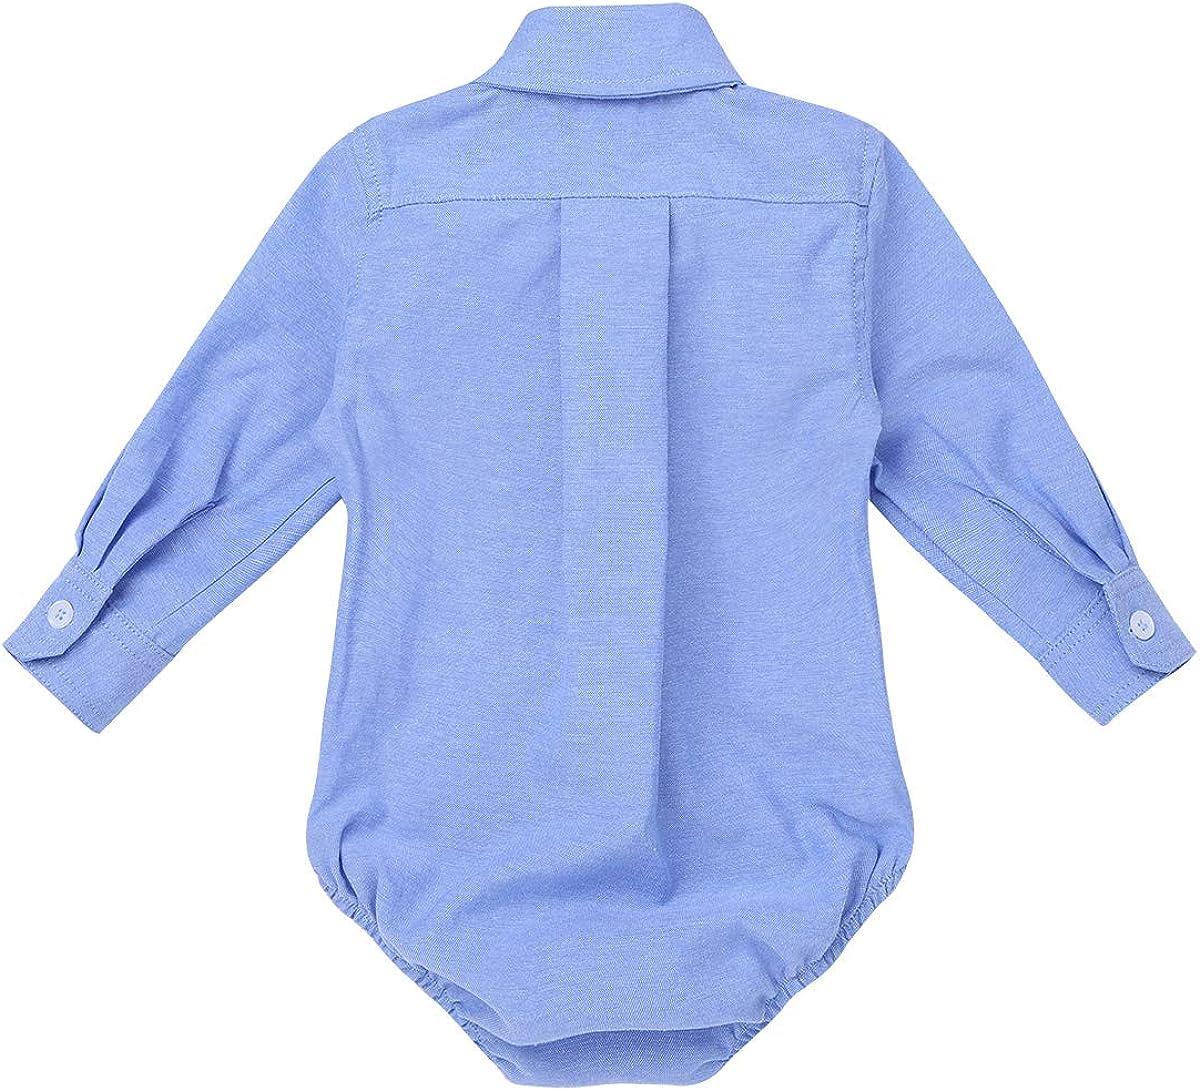 Alvivi Shirt Chemise Bleu /à Manches Longues B/éb/é Fille Gar/çon Body Barboteuse Costume de Bapt/ême C/ér/émonie Soir/ée Casual Combinaison Automne Hiver Printemps 3-24 Mois